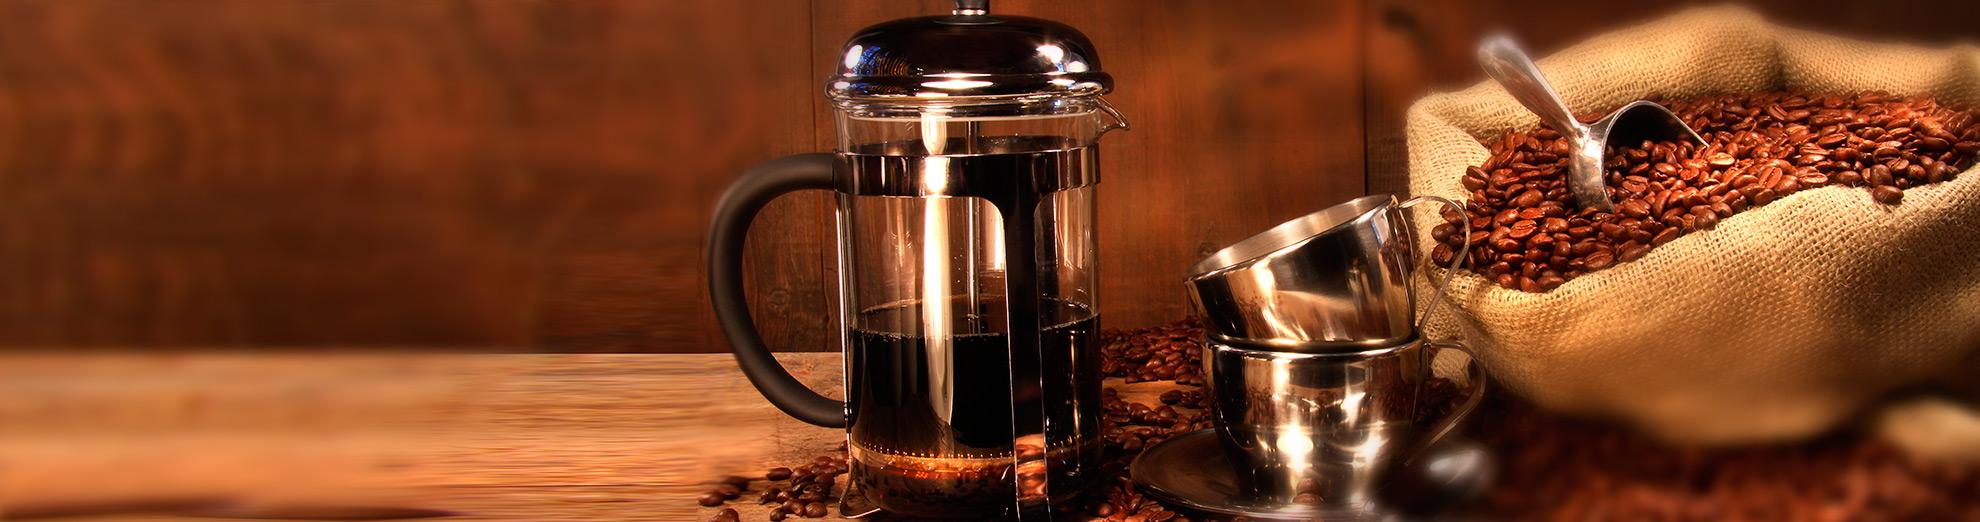 5 секретов  кофе во френч-прессе